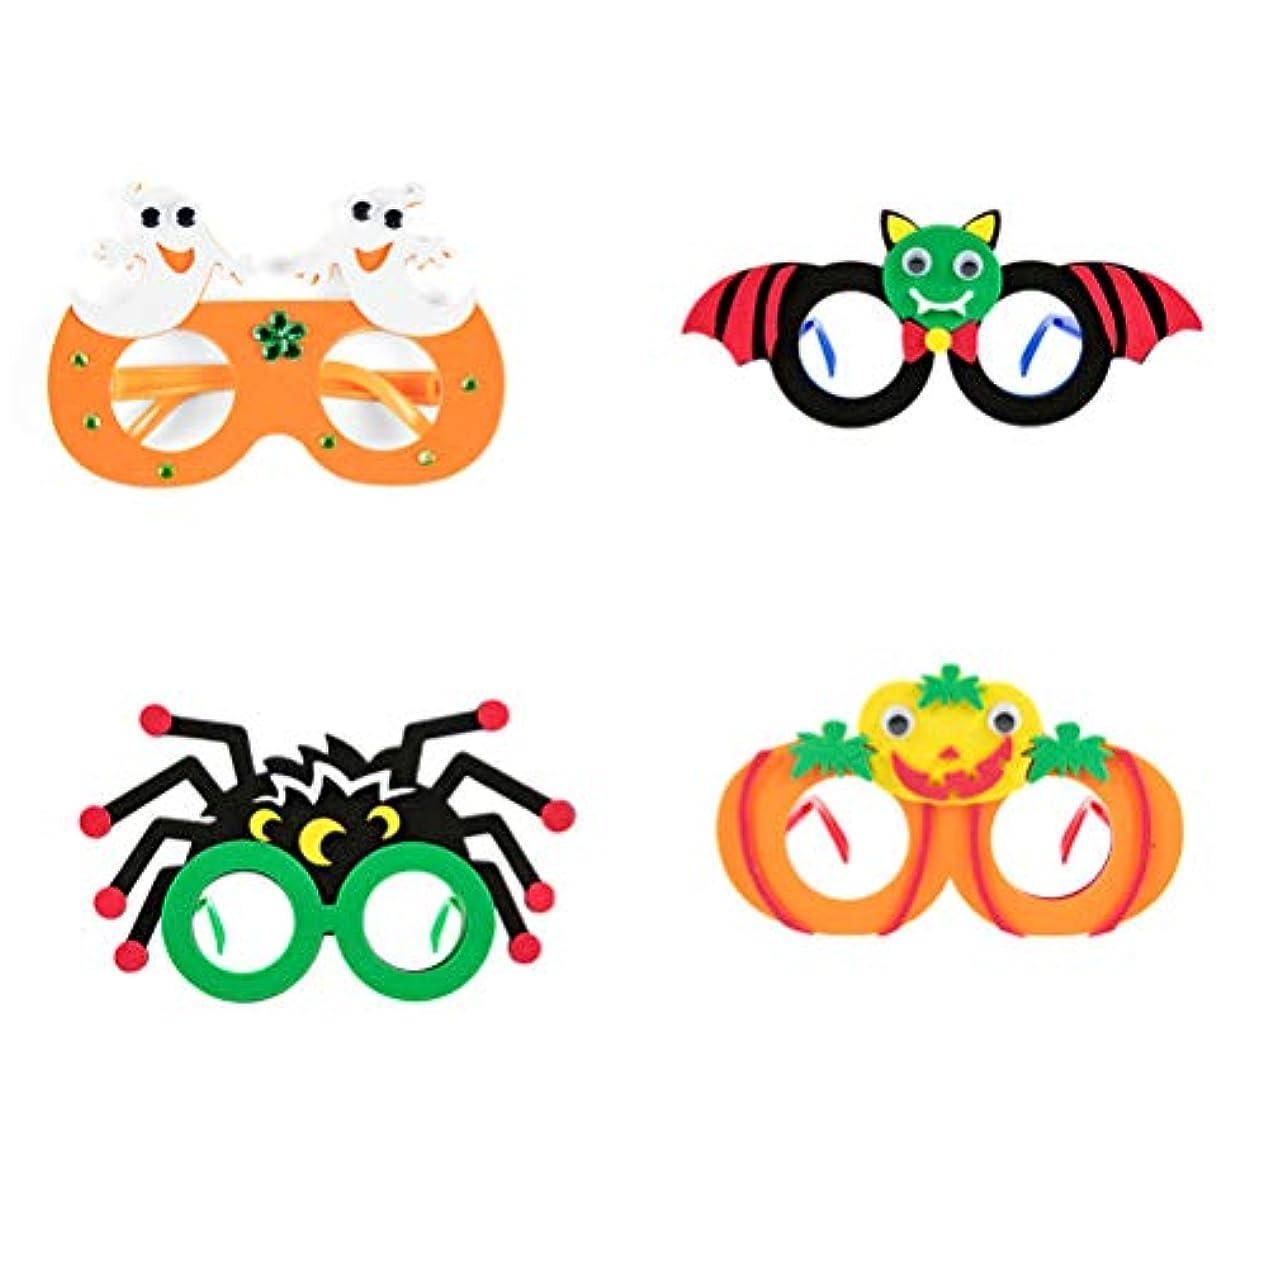 時間夜間機知に富んだAMOSFUN 4ピースハロウィンパーティーガラス用子供パンプキンバットゴーストスパイダー眼鏡トリッキーないたずらプロップドレスアップパーティー衣装子供のため